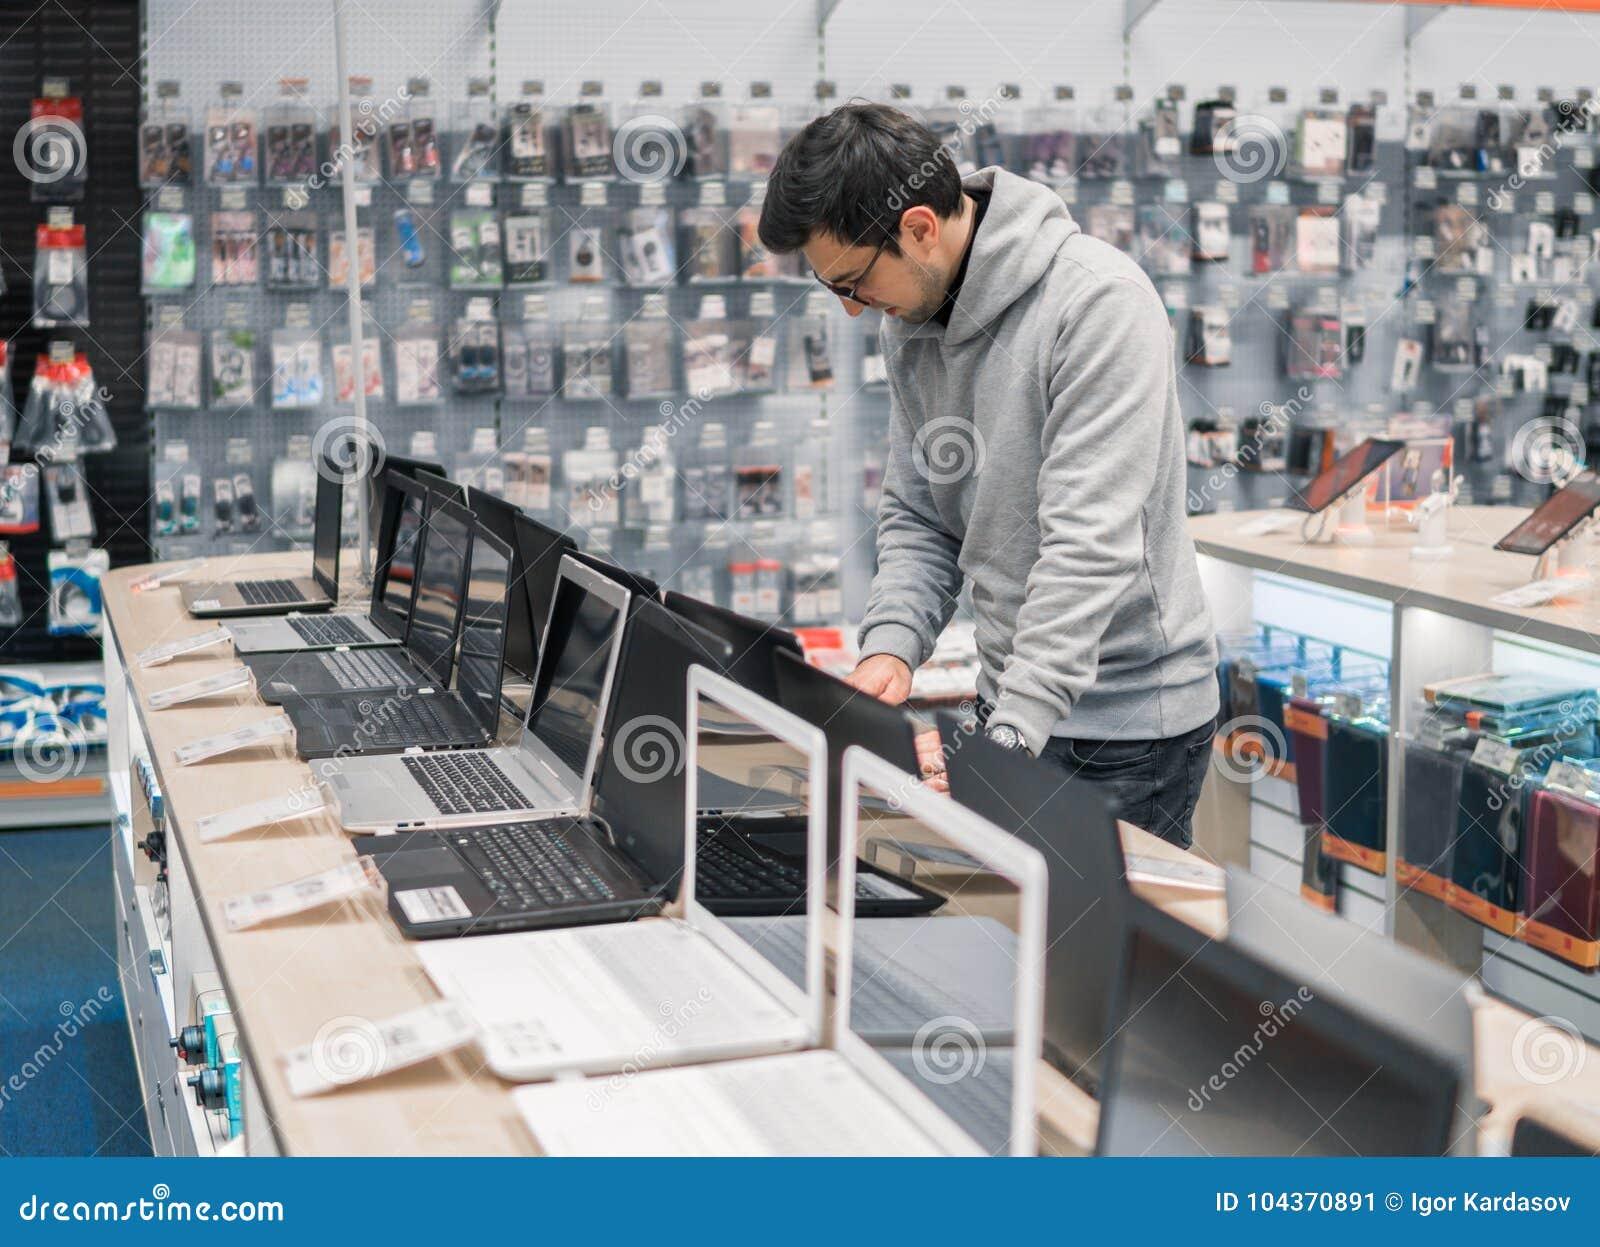 Nowożytny męski klient wybiera laptop w komputerowym sklepie